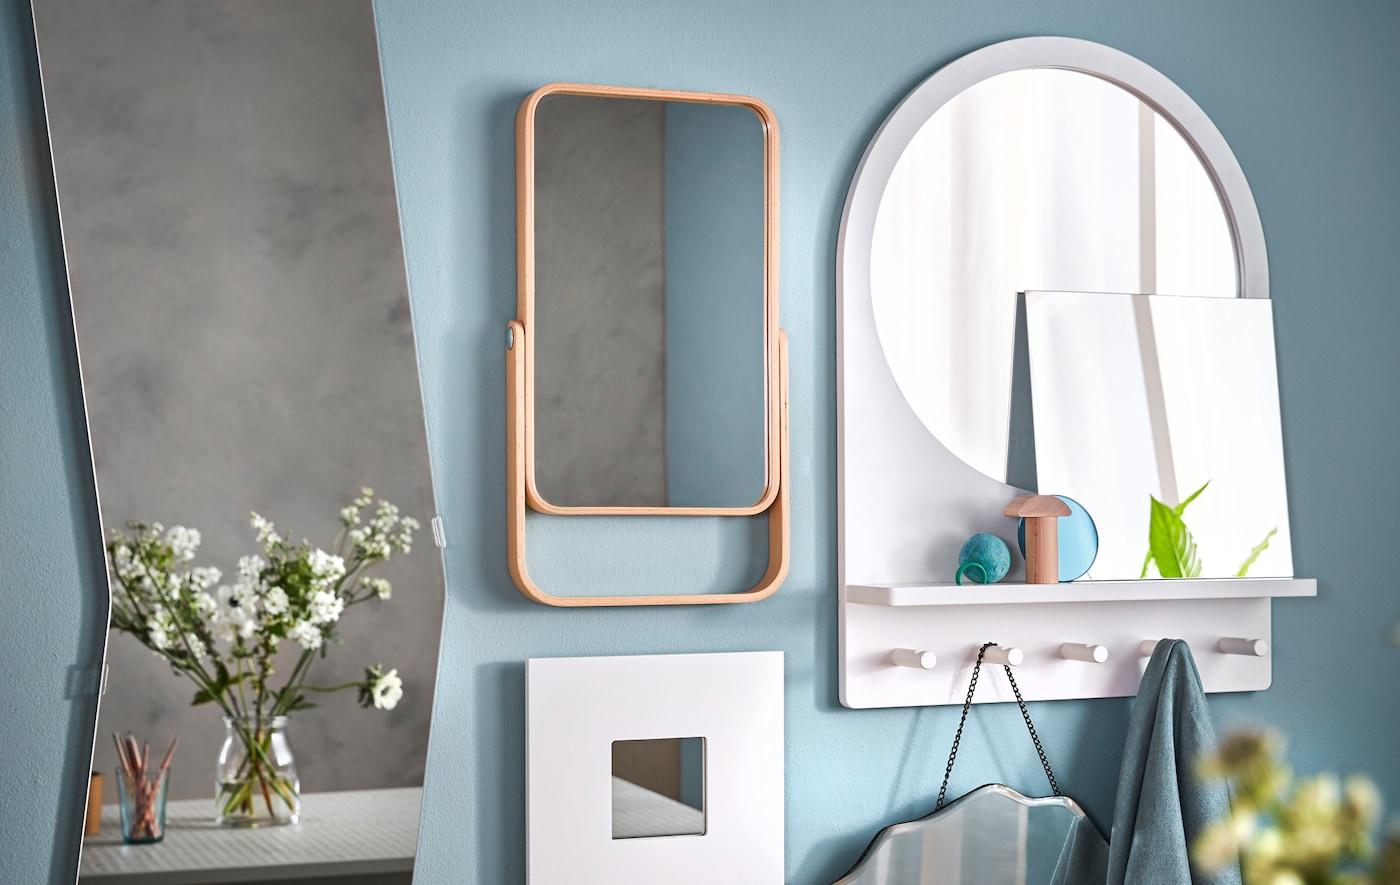 Lav en personlig vægcollage med spejle! Prøv hvidt IKEA MALMA spejl, som bare skal hænges på væggen med vægbeslag!